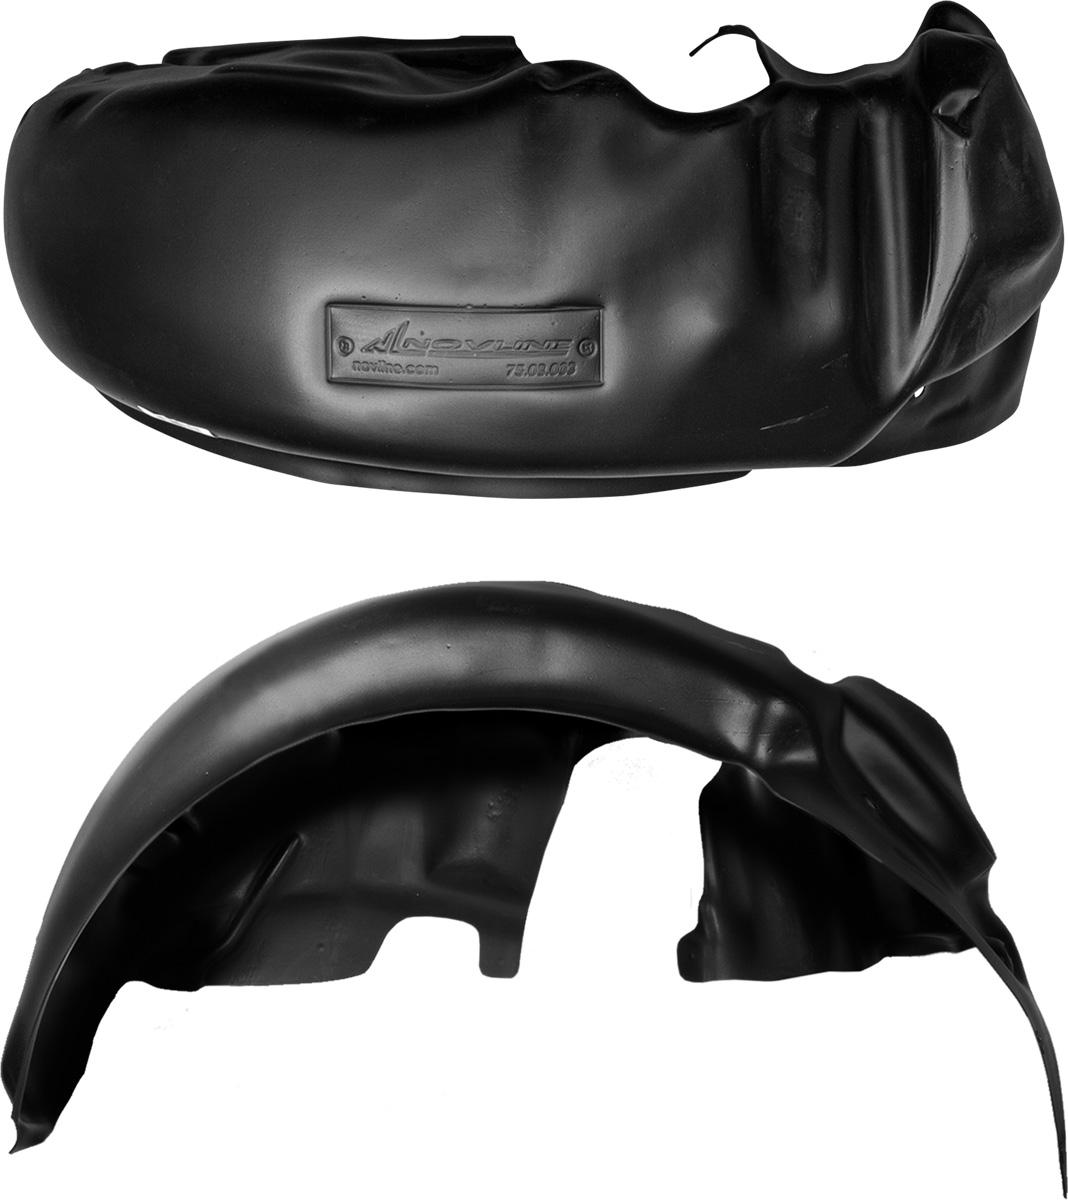 Подкрылок Novline-Autofamily, для Mitsubishi ASX, 2010-2013, 2013->, передний правый42803004Колесные ниши - одни из самых уязвимых зон днища вашего автомобиля. Они постоянно подвергаются воздействию со стороны дороги. Лучшая, почти абсолютная защита для них - специально отформованные пластиковые кожухи, которые называются подкрылками. Производятся они как для отечественных моделей автомобилей, так и для иномарок. Подкрылки Novline-Autofamily выполнены из высококачественного, экологически чистого пластика. Обеспечивают надежную защиту кузова автомобиля от пескоструйного эффекта и негативного влияния, агрессивных антигололедных реагентов. Пластик обладает более низкой теплопроводностью, чем металл, поэтому в зимний период эксплуатации использование пластиковых подкрылков позволяет лучше защитить колесные ниши от налипания снега и образования наледи. Оригинальность конструкции подчеркивает элегантность автомобиля, бережно защищает нанесенное на днище кузова антикоррозийное покрытие и позволяет осуществить крепление подкрылков внутри колесной арки практически без дополнительного крепежа и сверления, не нарушая при этом лакокрасочного покрытия, что предотвращает возникновение новых очагов коррозии. Подкрылки долговечны, обладают высокой прочностью и сохраняют заданную форму, а также все свои физико-механические характеристики в самых тяжелых климатических условиях (от -50°С до +50°С).Уважаемые клиенты!Обращаем ваше внимание, на тот факт, что подкрылок имеет форму, соответствующую модели данного автомобиля. Фото служит для визуального восприятия товара.